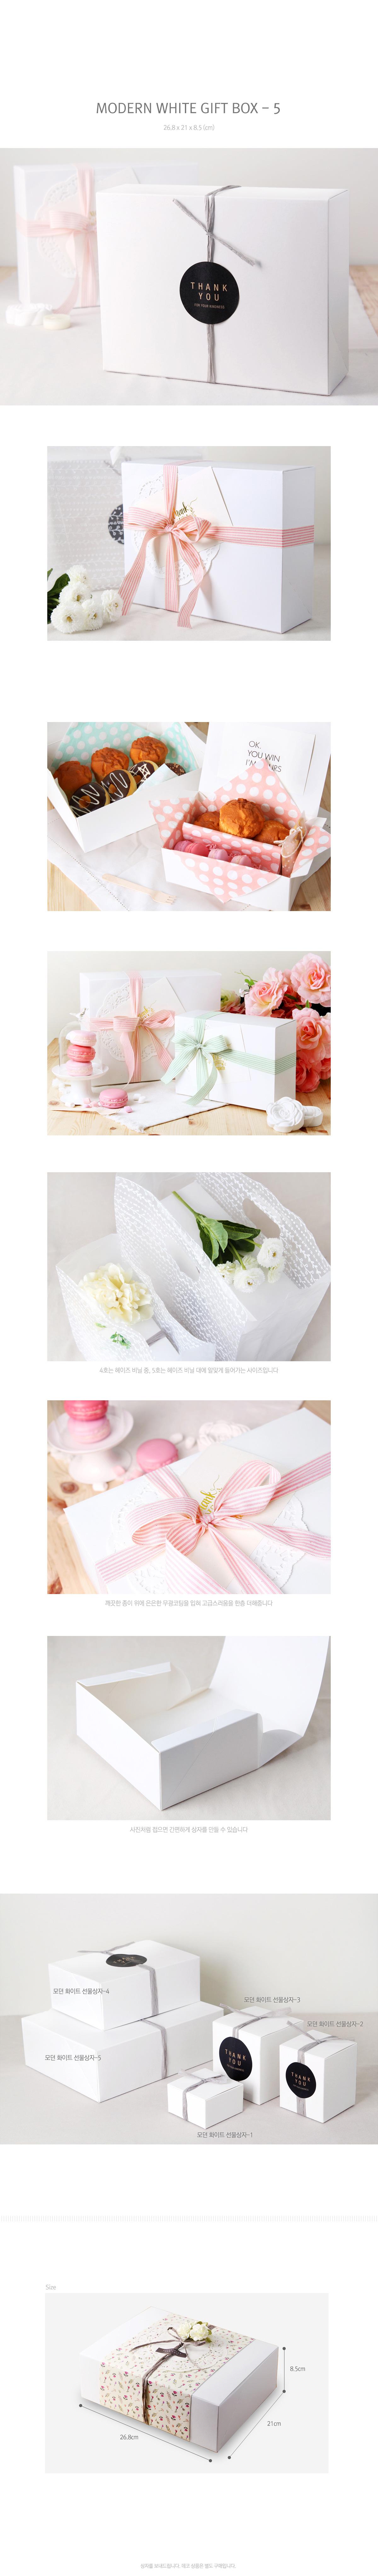 모던 화이트 선물상자-5 (2개) - 인디고샵, 2,000원, 상자/케이스, 심플